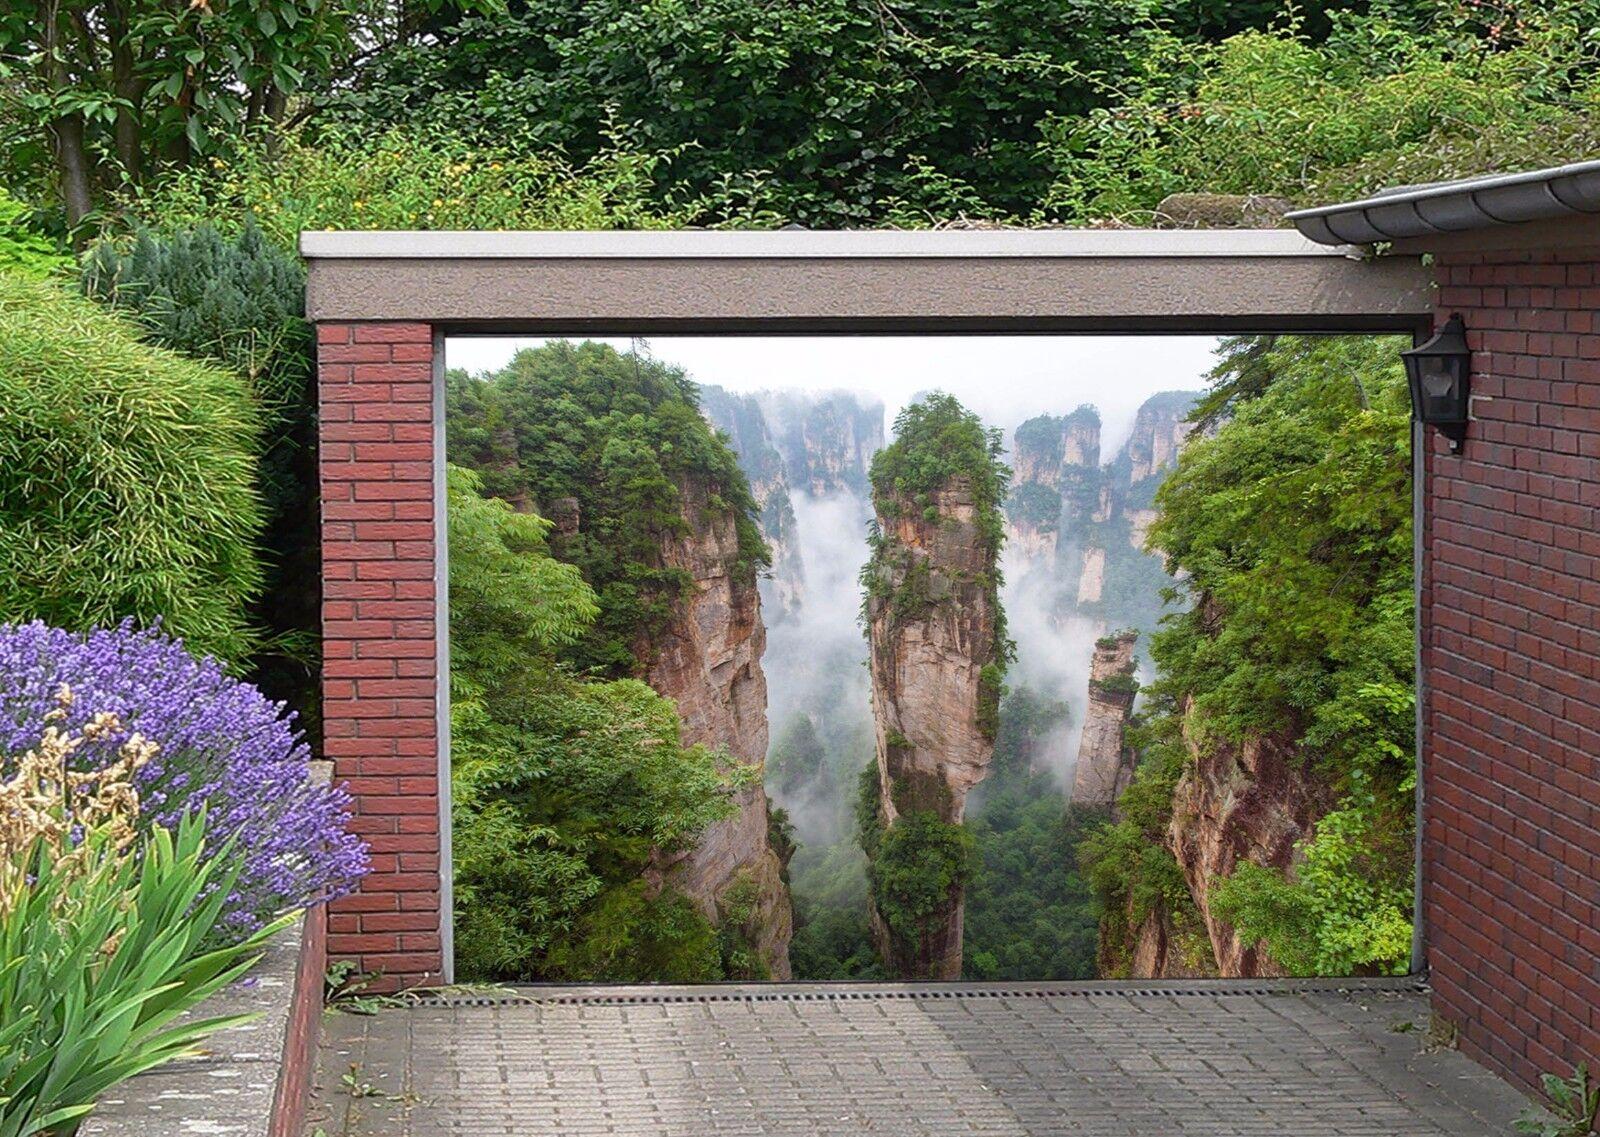 3D Steep Peaks 73 Garage Door Murals Wall Print Decal Wall AJ WALLPAPER UK Carly